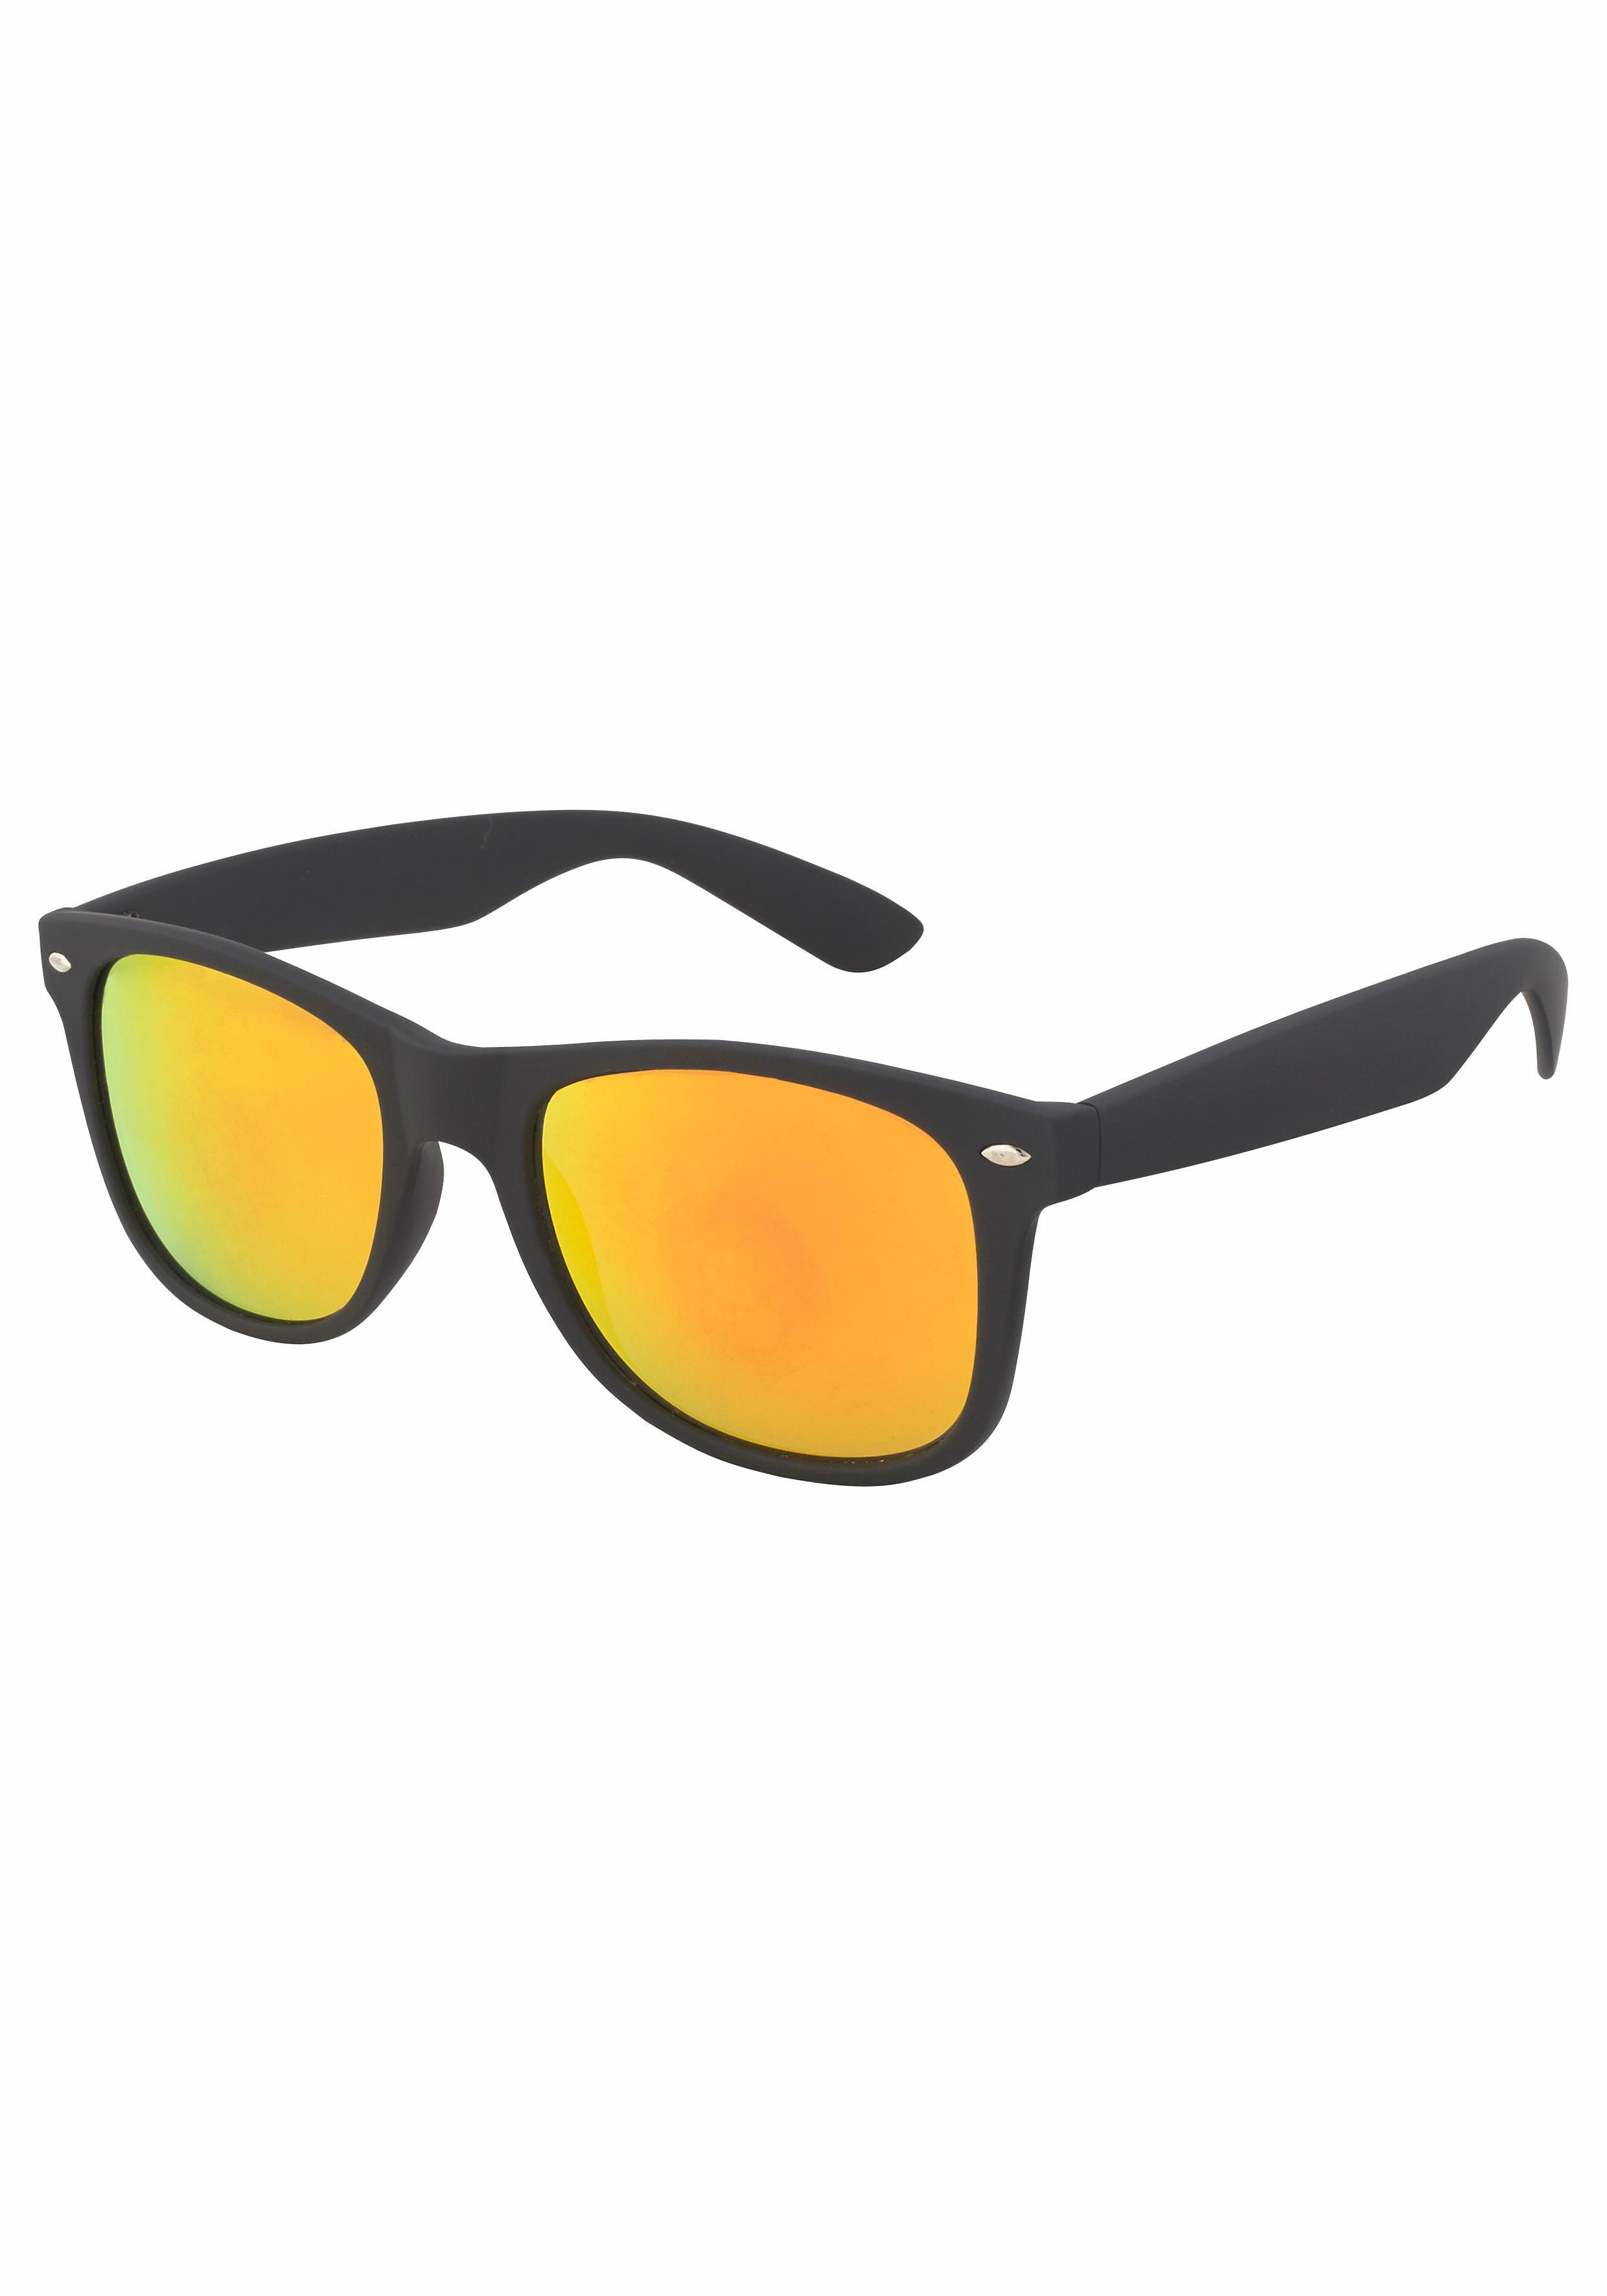 MasterDis Sonnenbrille, mit verspiegelten Gläsern